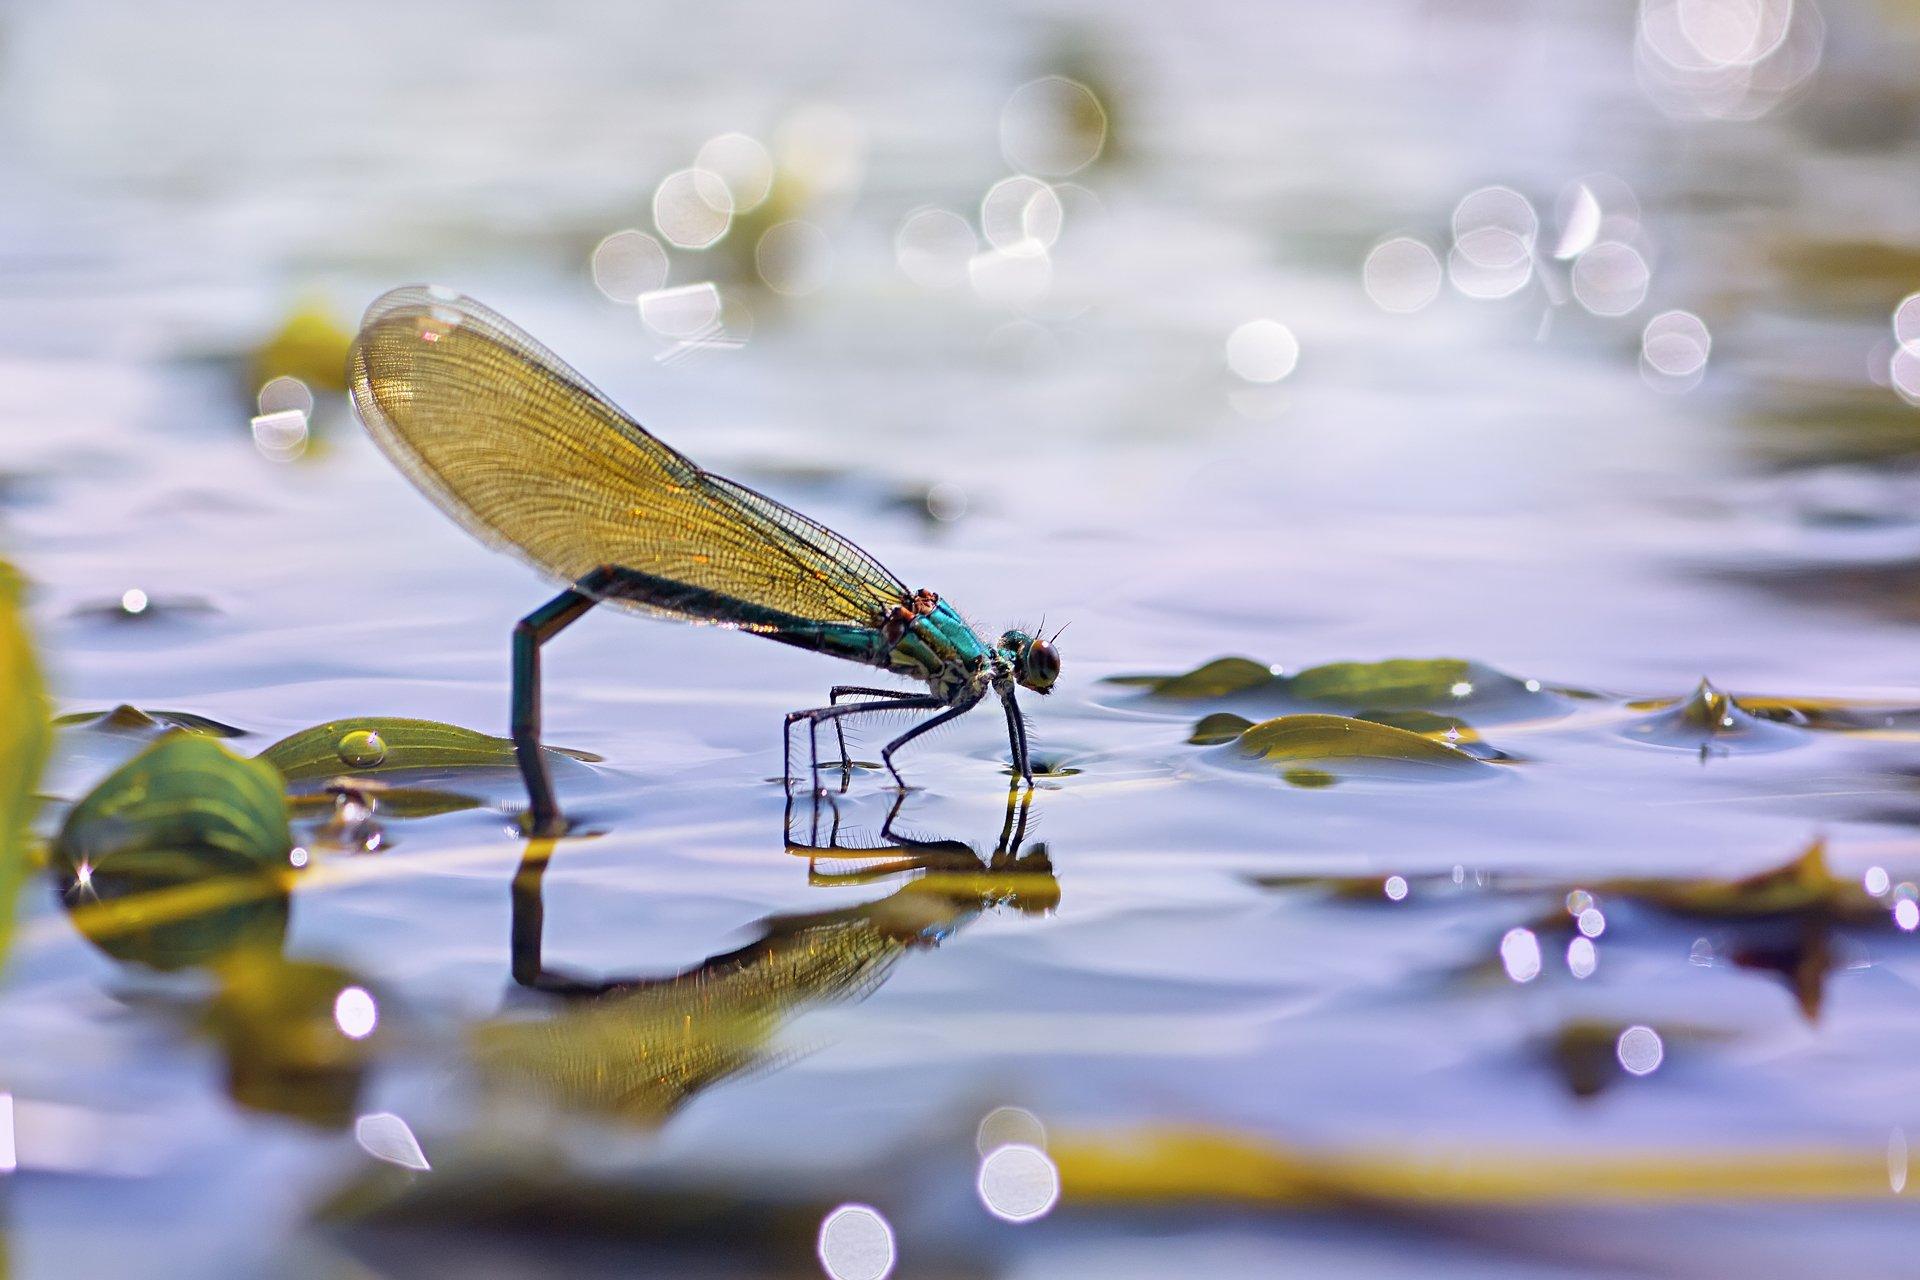 стрекоза,глаза,цвет,свет,лист,насекомое,жук, Котов Юрий